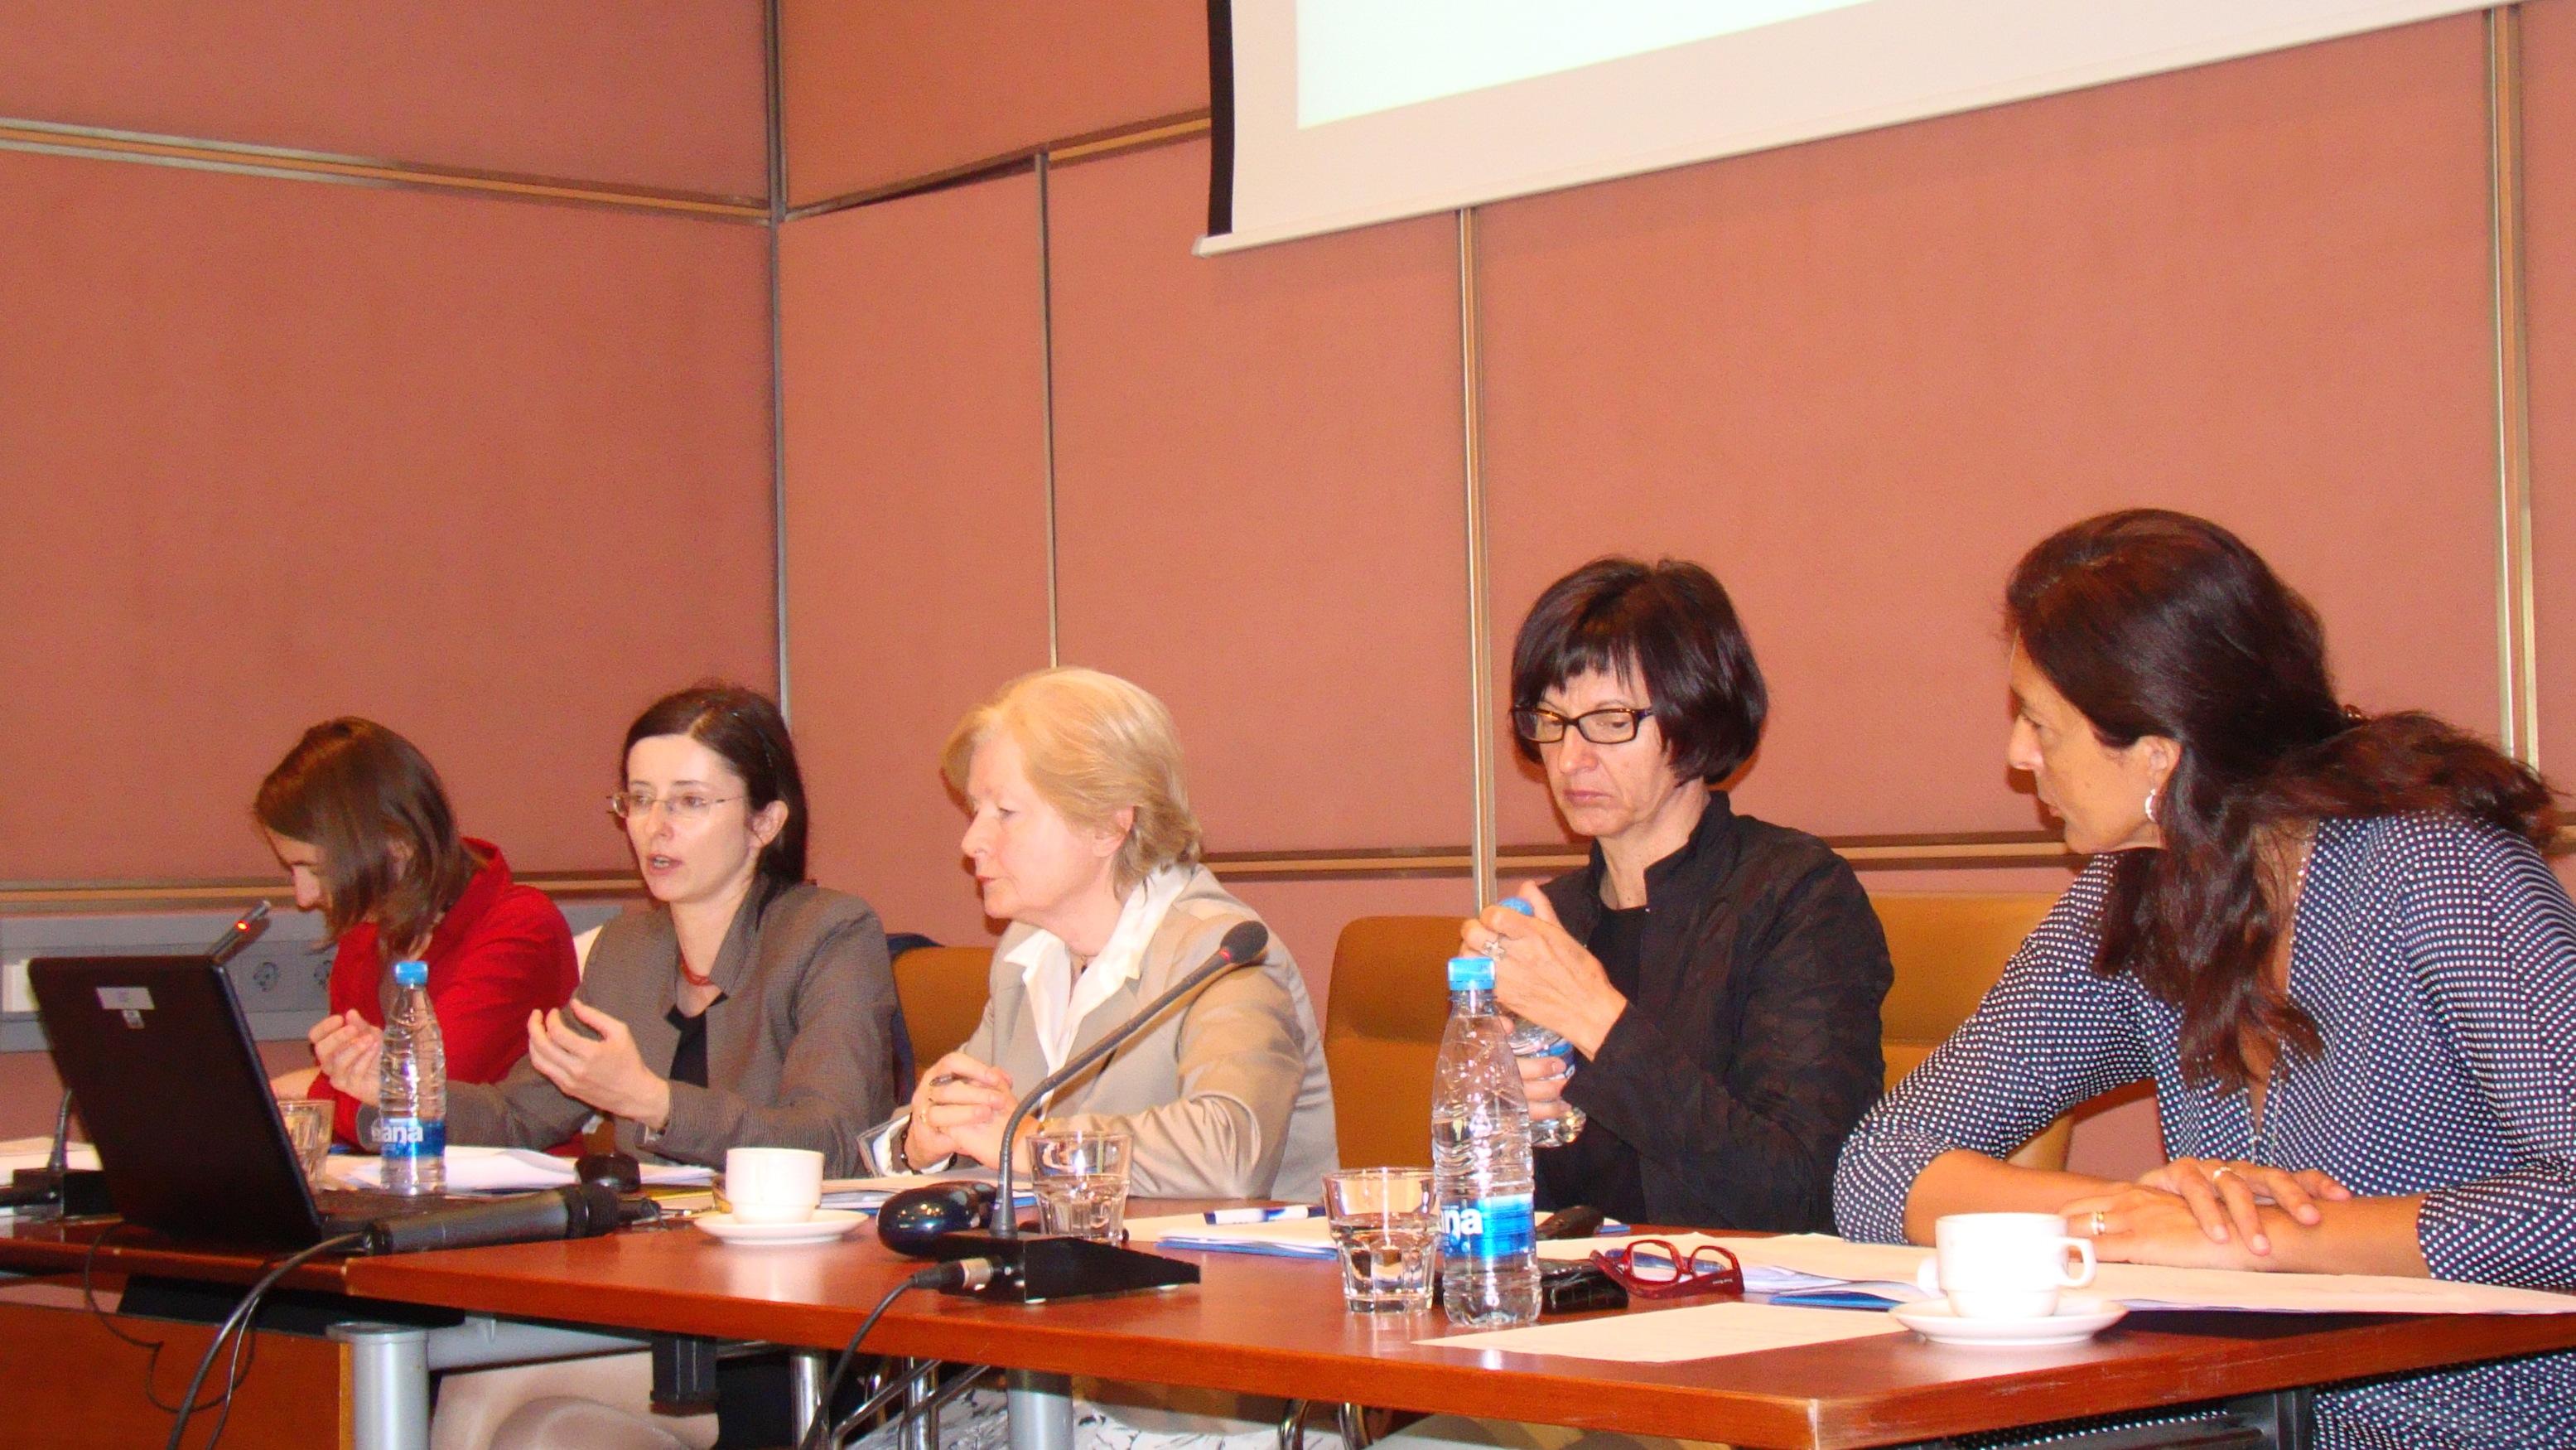 Širimo vednost, dajemo moč: enodnevni seminar z delavnicami za ženske v politiki